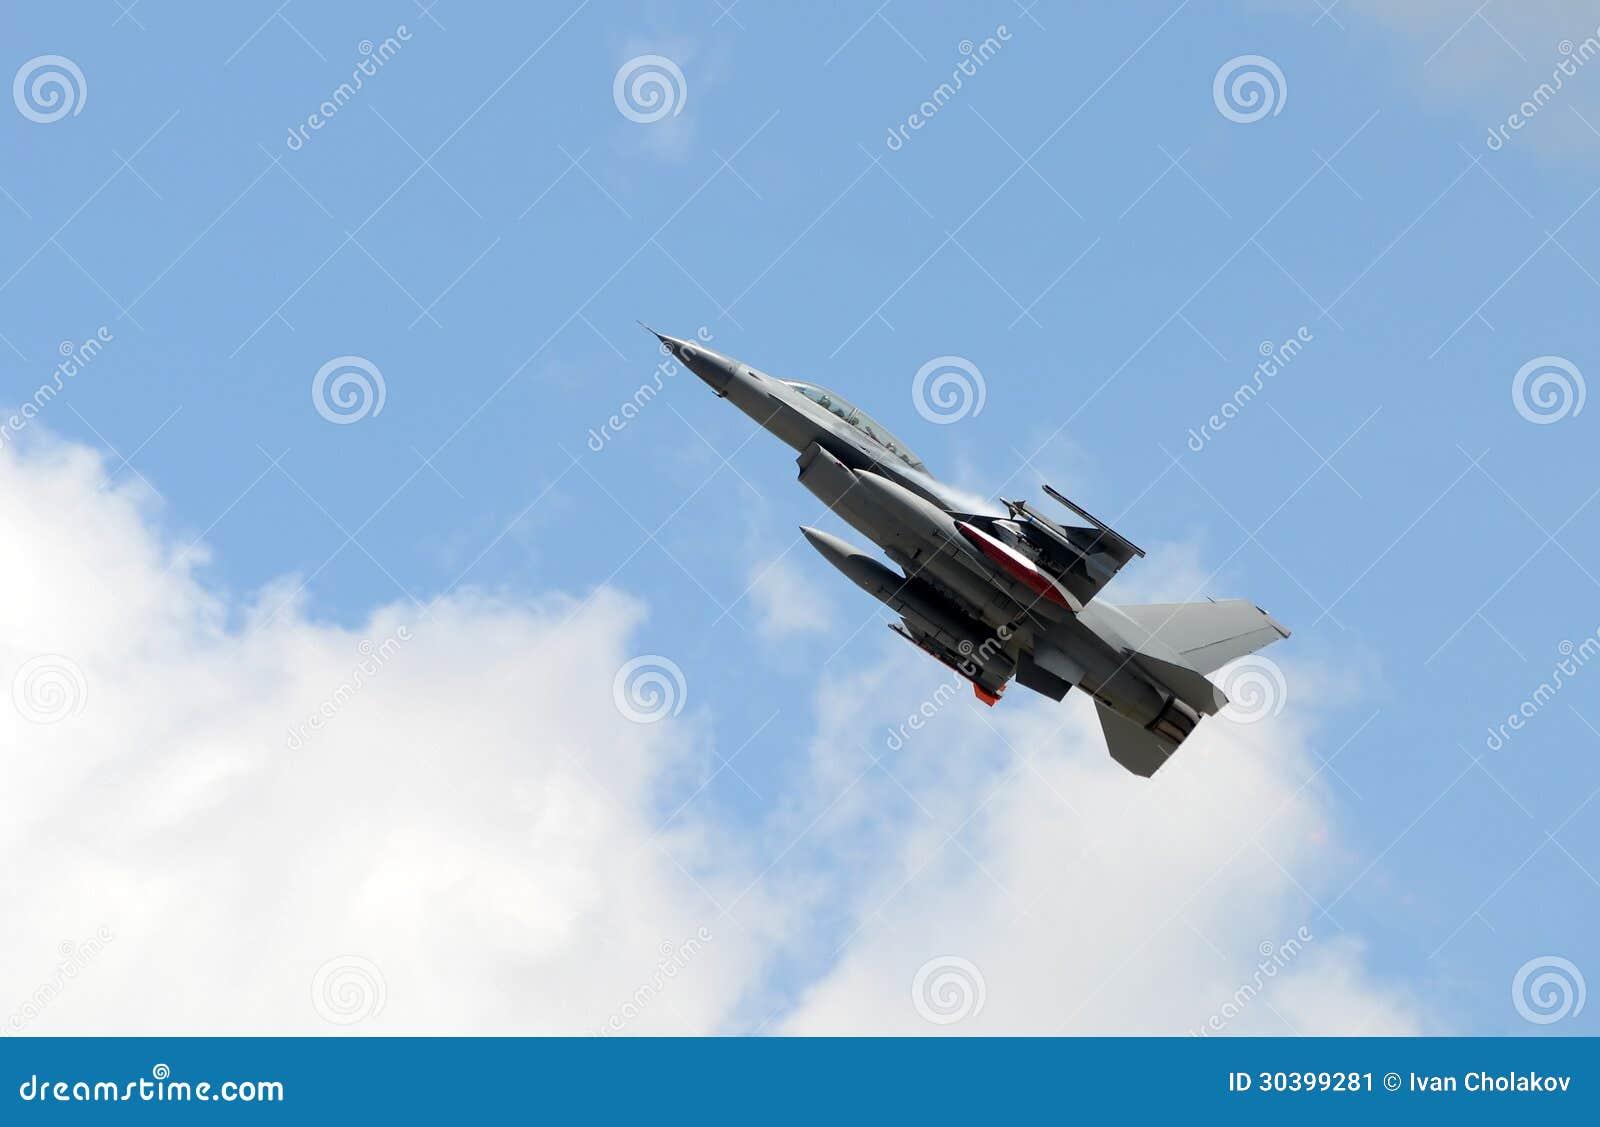 Aerei Da Caccia Decollo : Decollo moderno dell aereo da caccia immagine stock